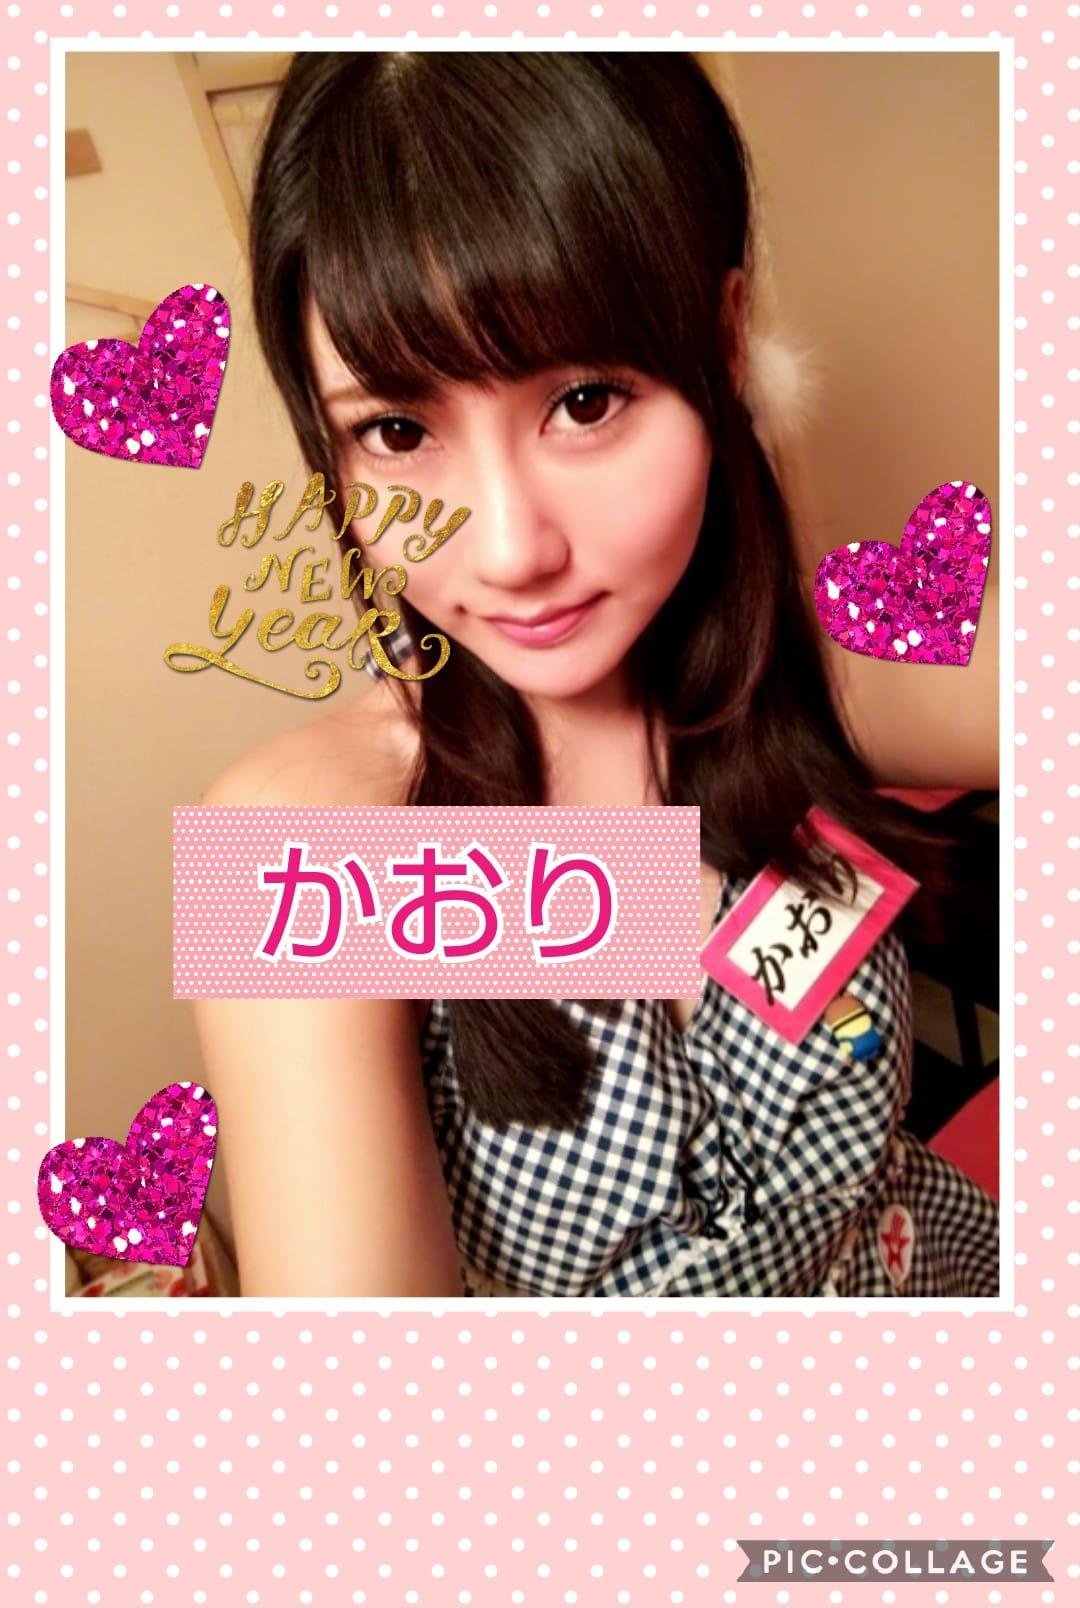 「☆★今年もよろしくお願いします★☆」01/22(月) 00:45 | かおりの写メ・風俗動画